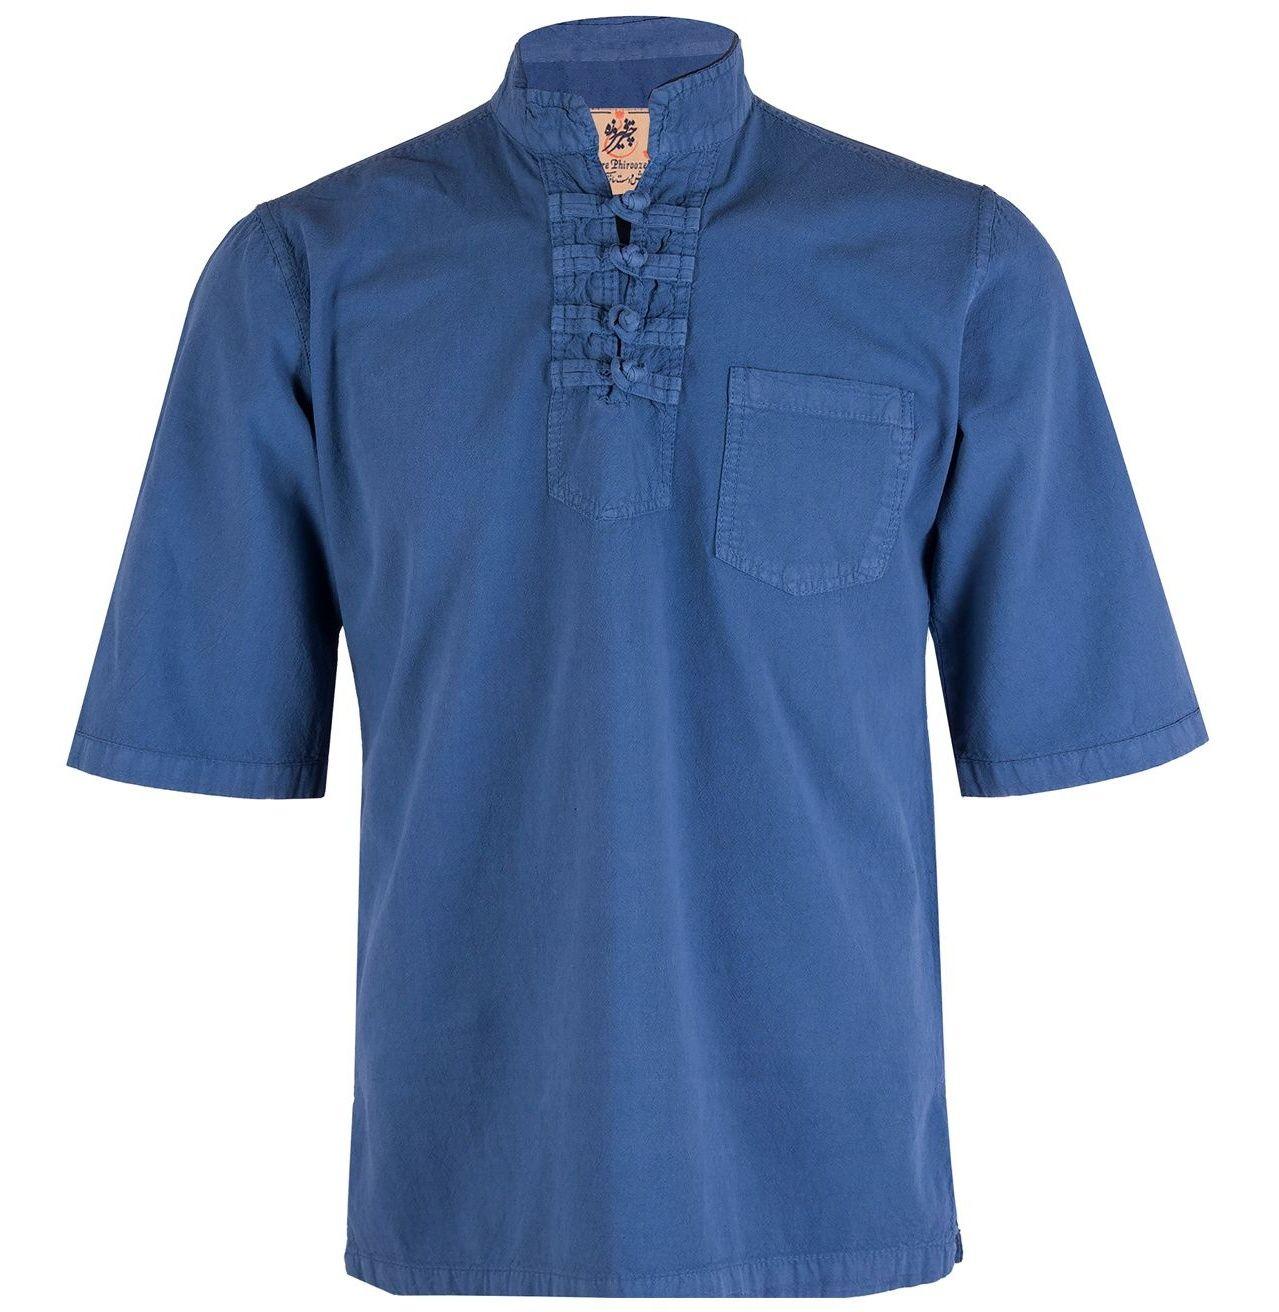 پیراهن مردانه چترفیروزه مدل چهارگره آستین کوتاه کد 5 main 1 1